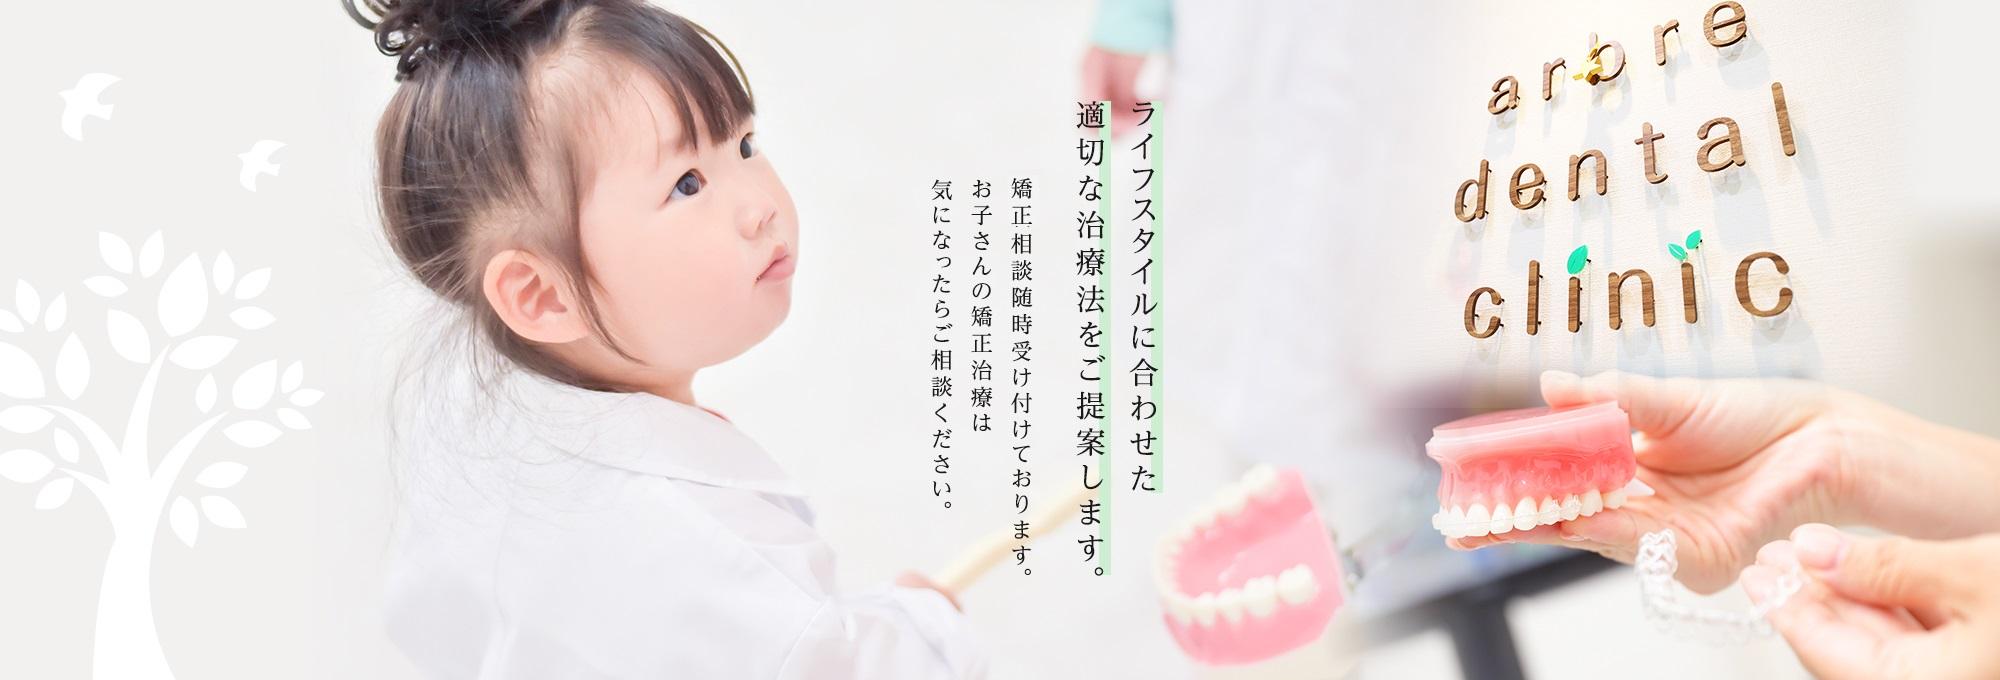 ライフスタイルに合わせた適切な治療法をご提案します。相談随時受け付けております。お子さんの矯正治療は気になったらご相談ください。